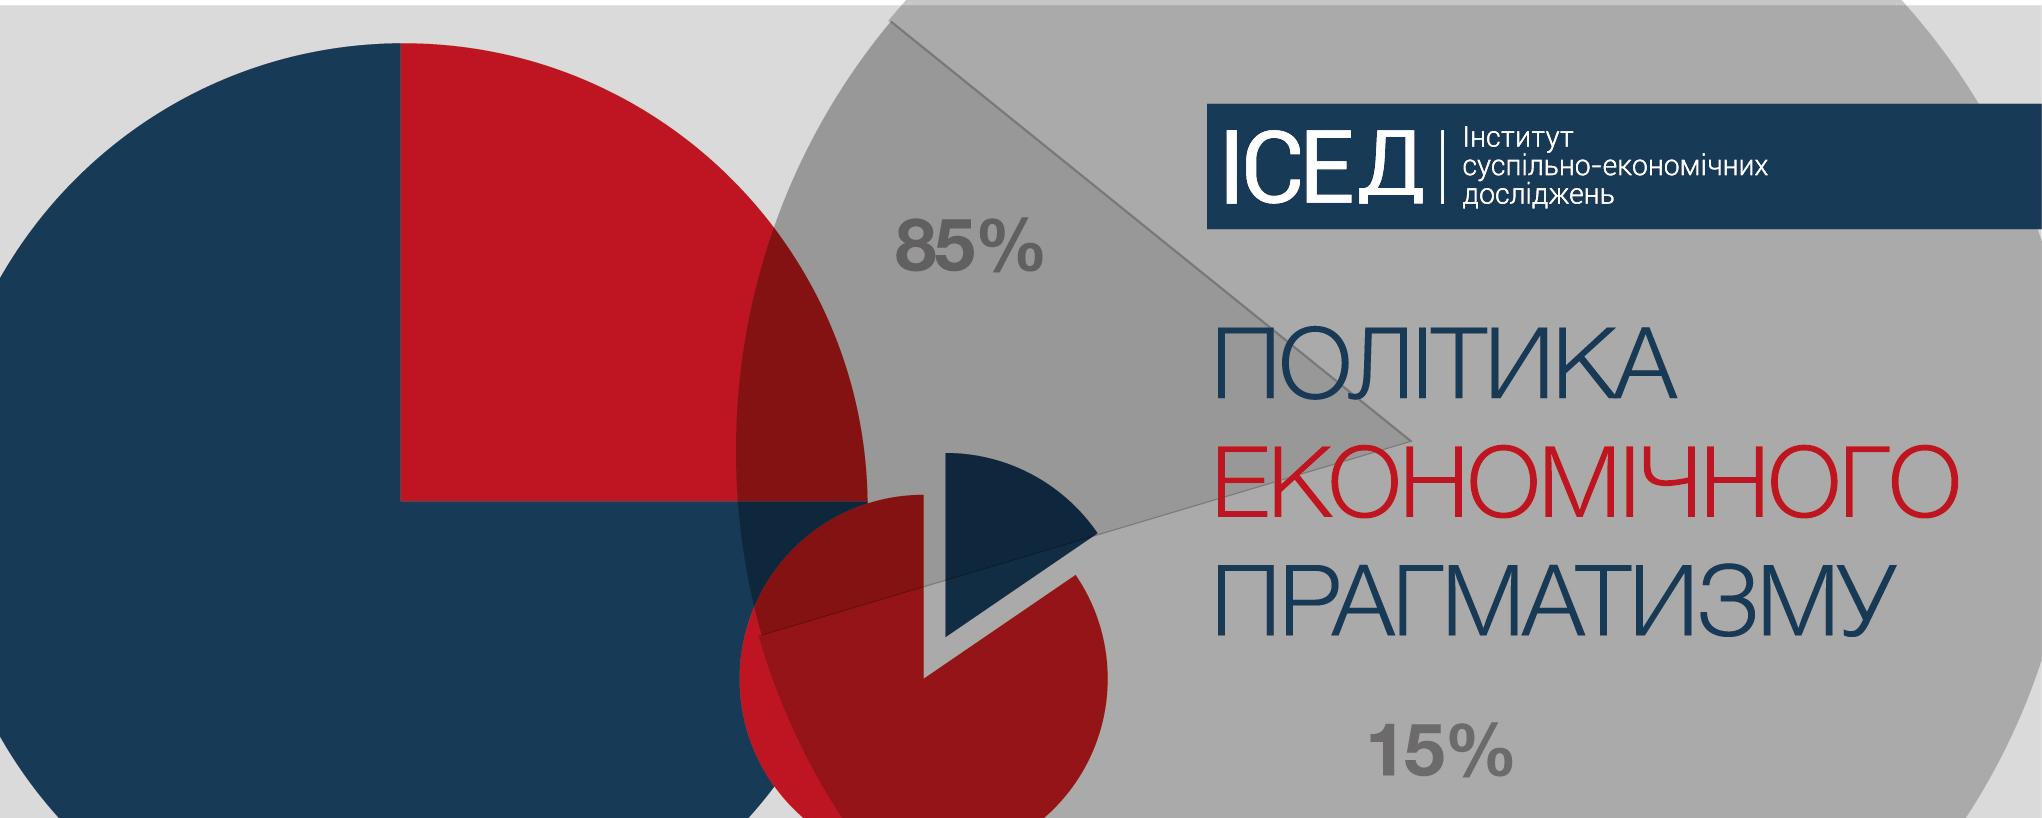 17 липня ІСЕД презентує «Політику економічного прагматизму»